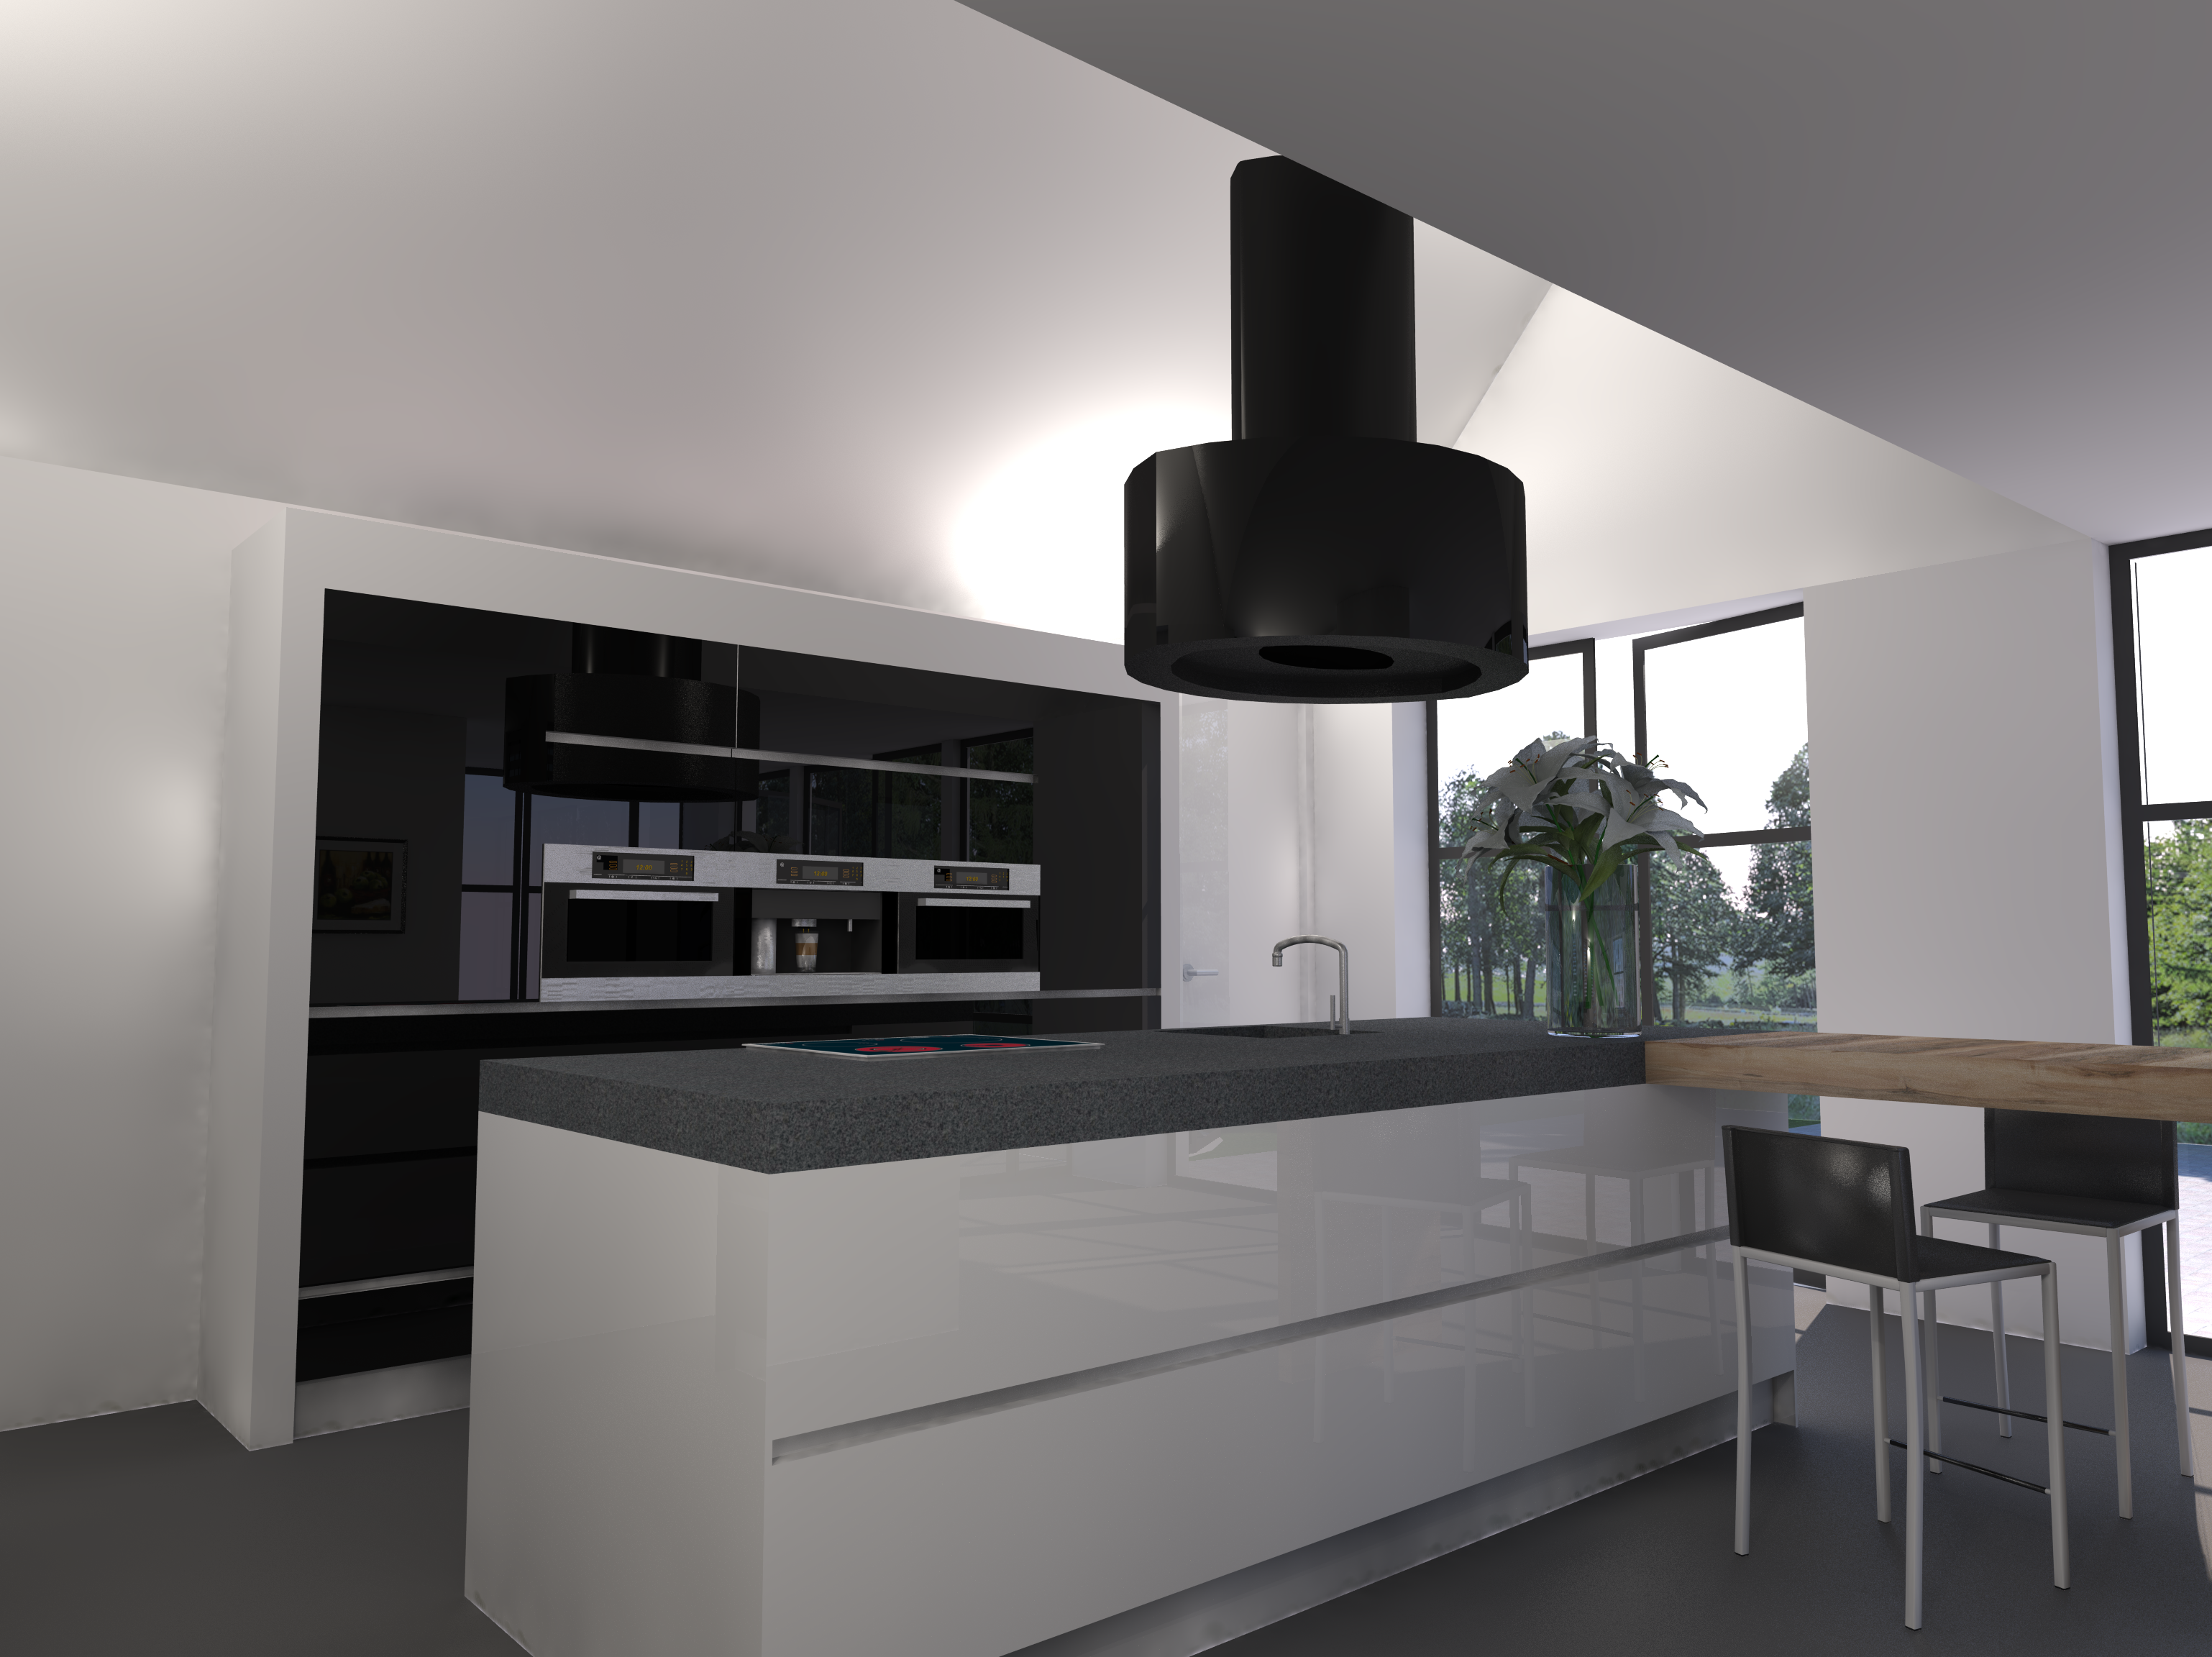 Ontwerp keuken voor een nog te bouwen huis in breda - Keuken kookeiland ontwerp ...